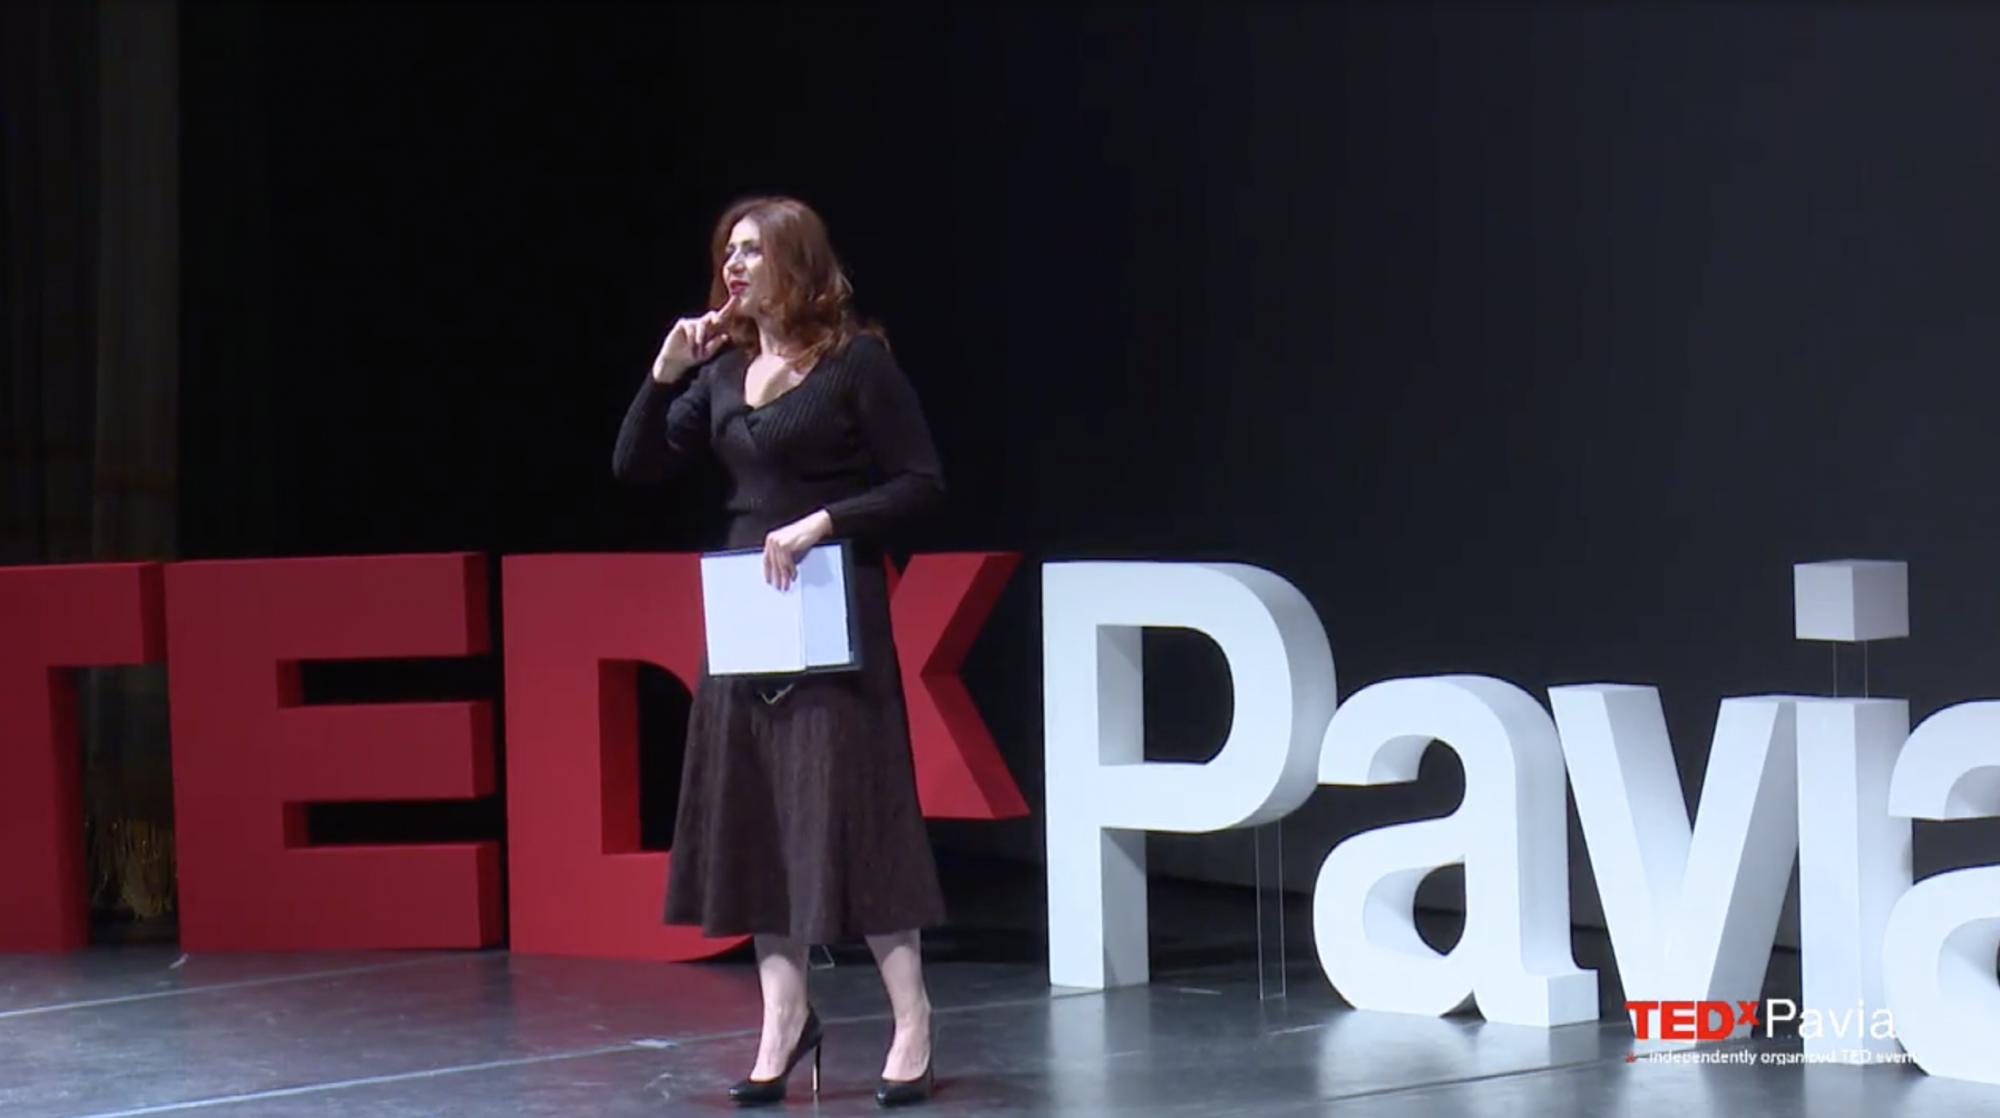 Ho condotto io il TEDxPavia al Teatro Fraschini, e in apertura monologo su Einstein (che Pavia la conosce eccome)!